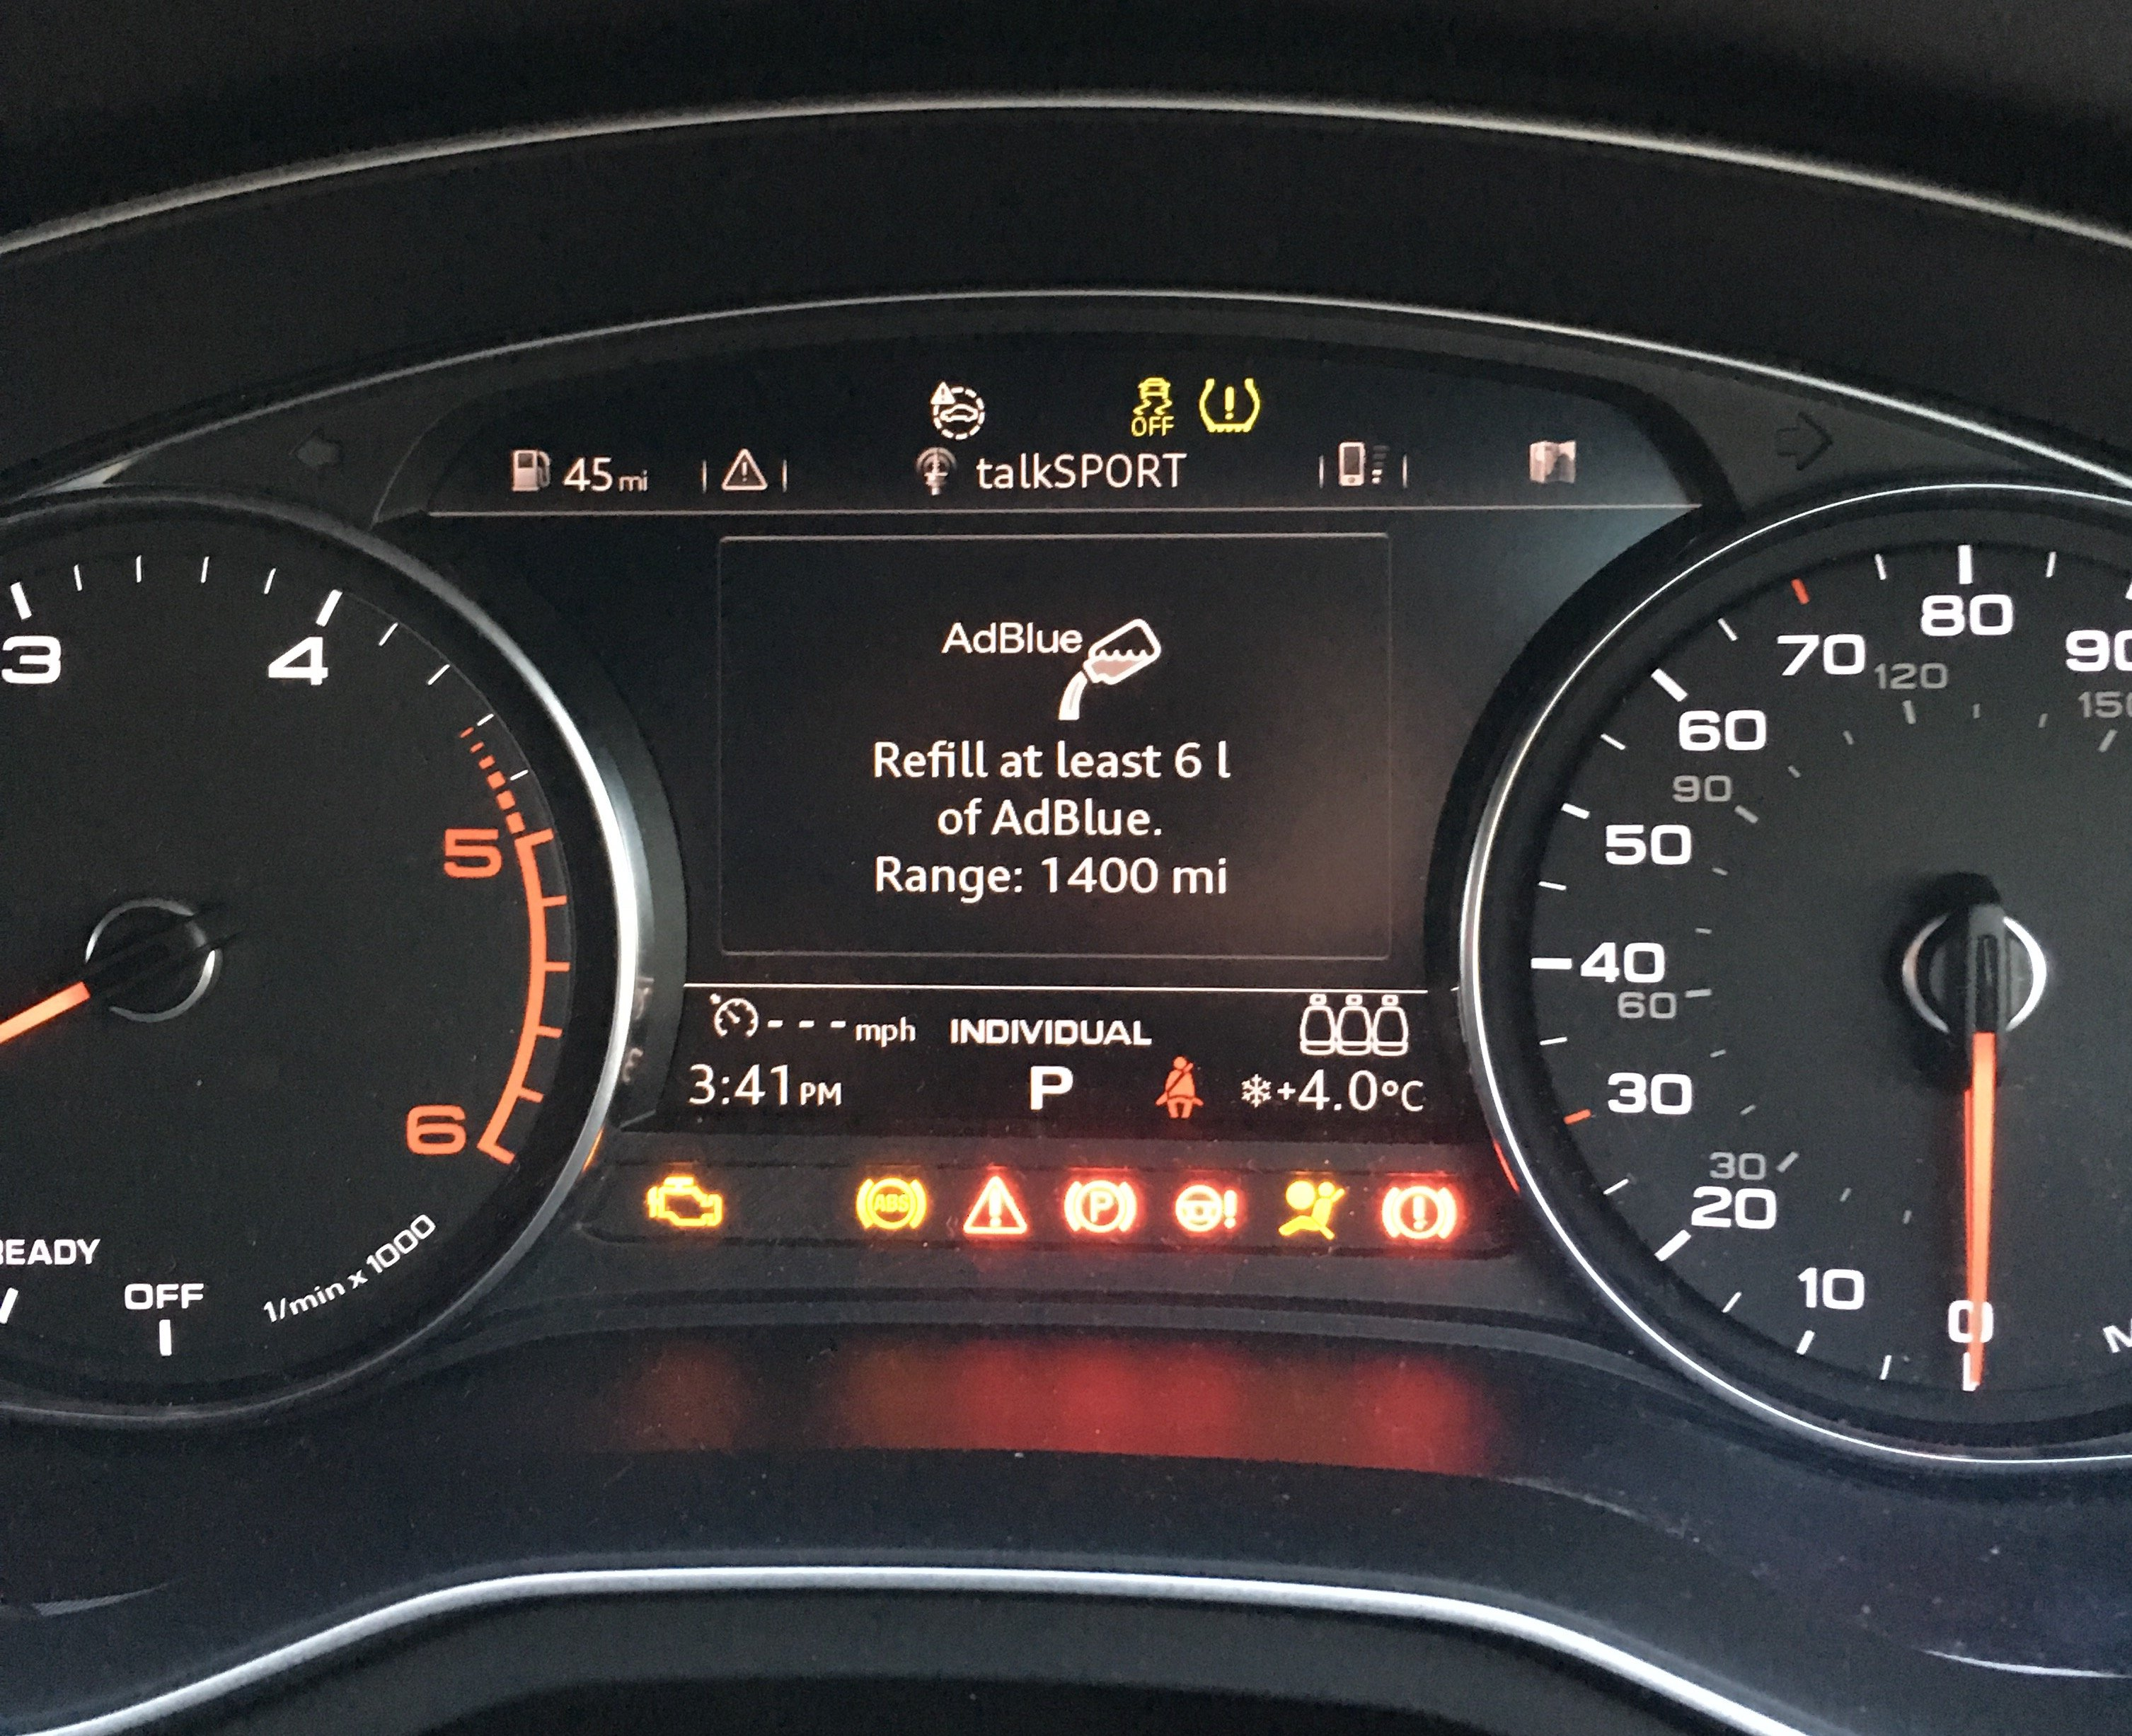 Kelebihan Kekurangan Adblue Audi Tangguh